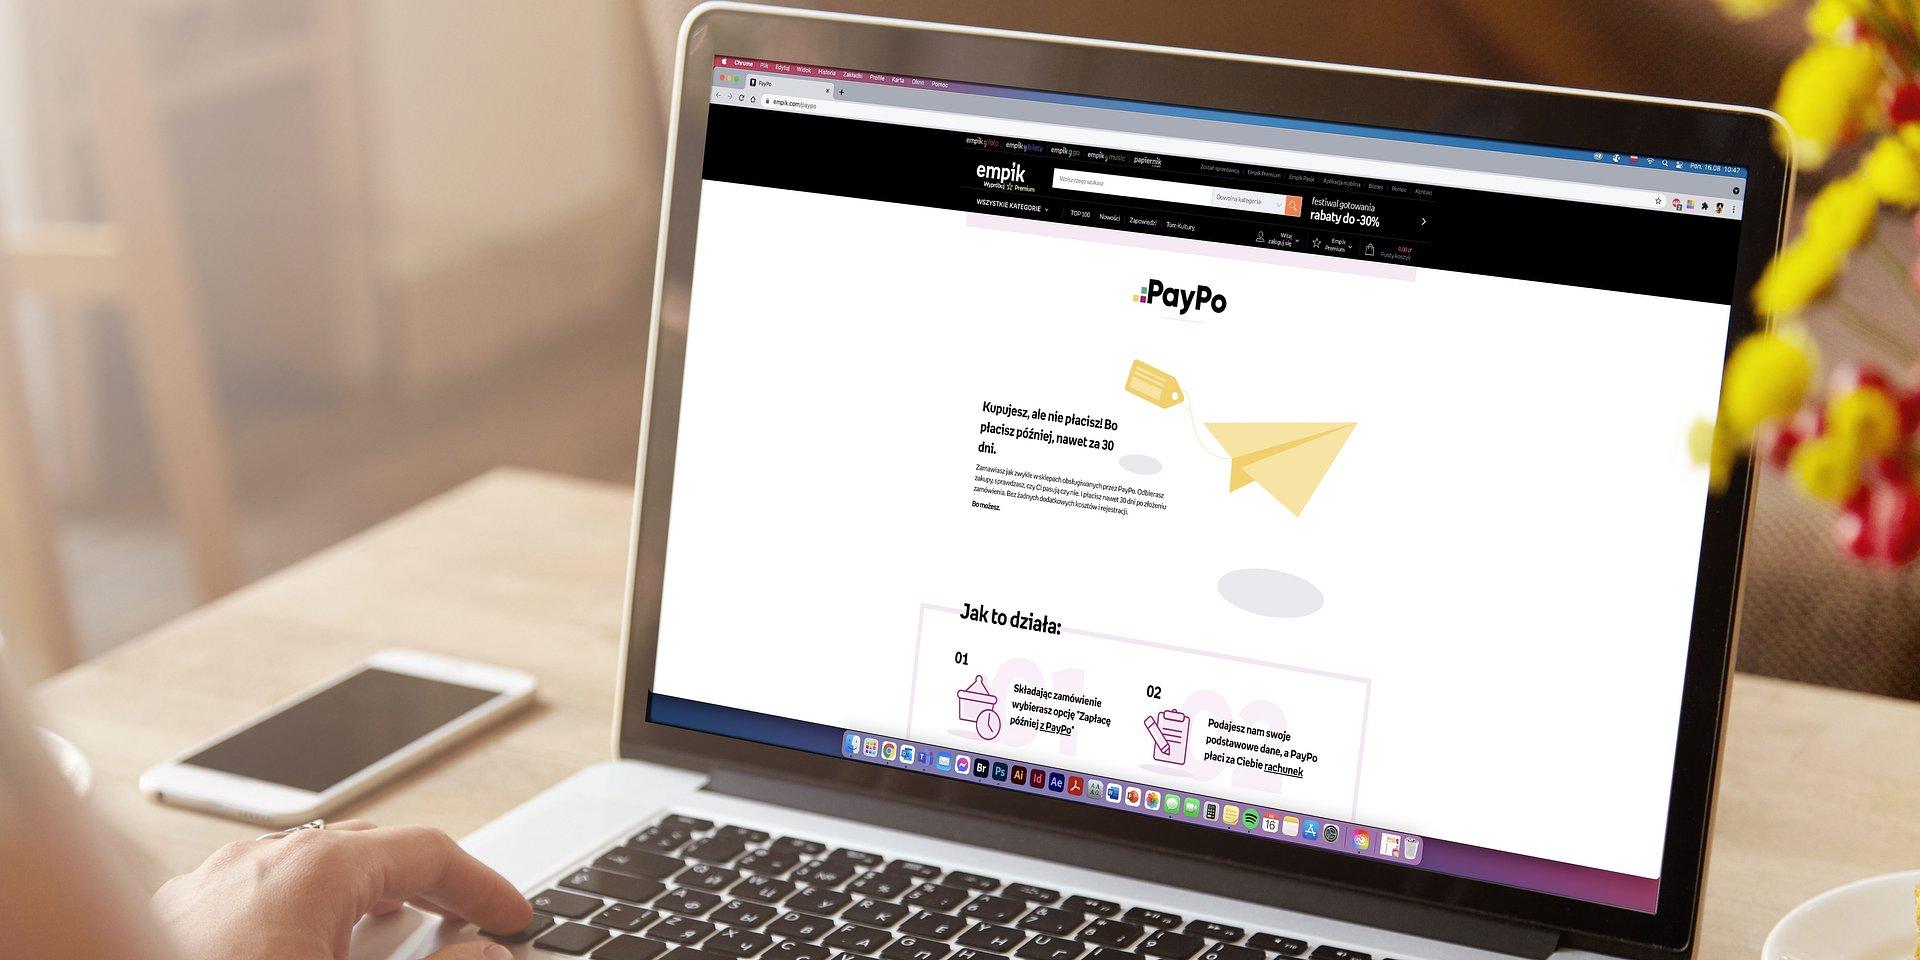 Empik.com udostępnia klientom odroczone płatności PayPo